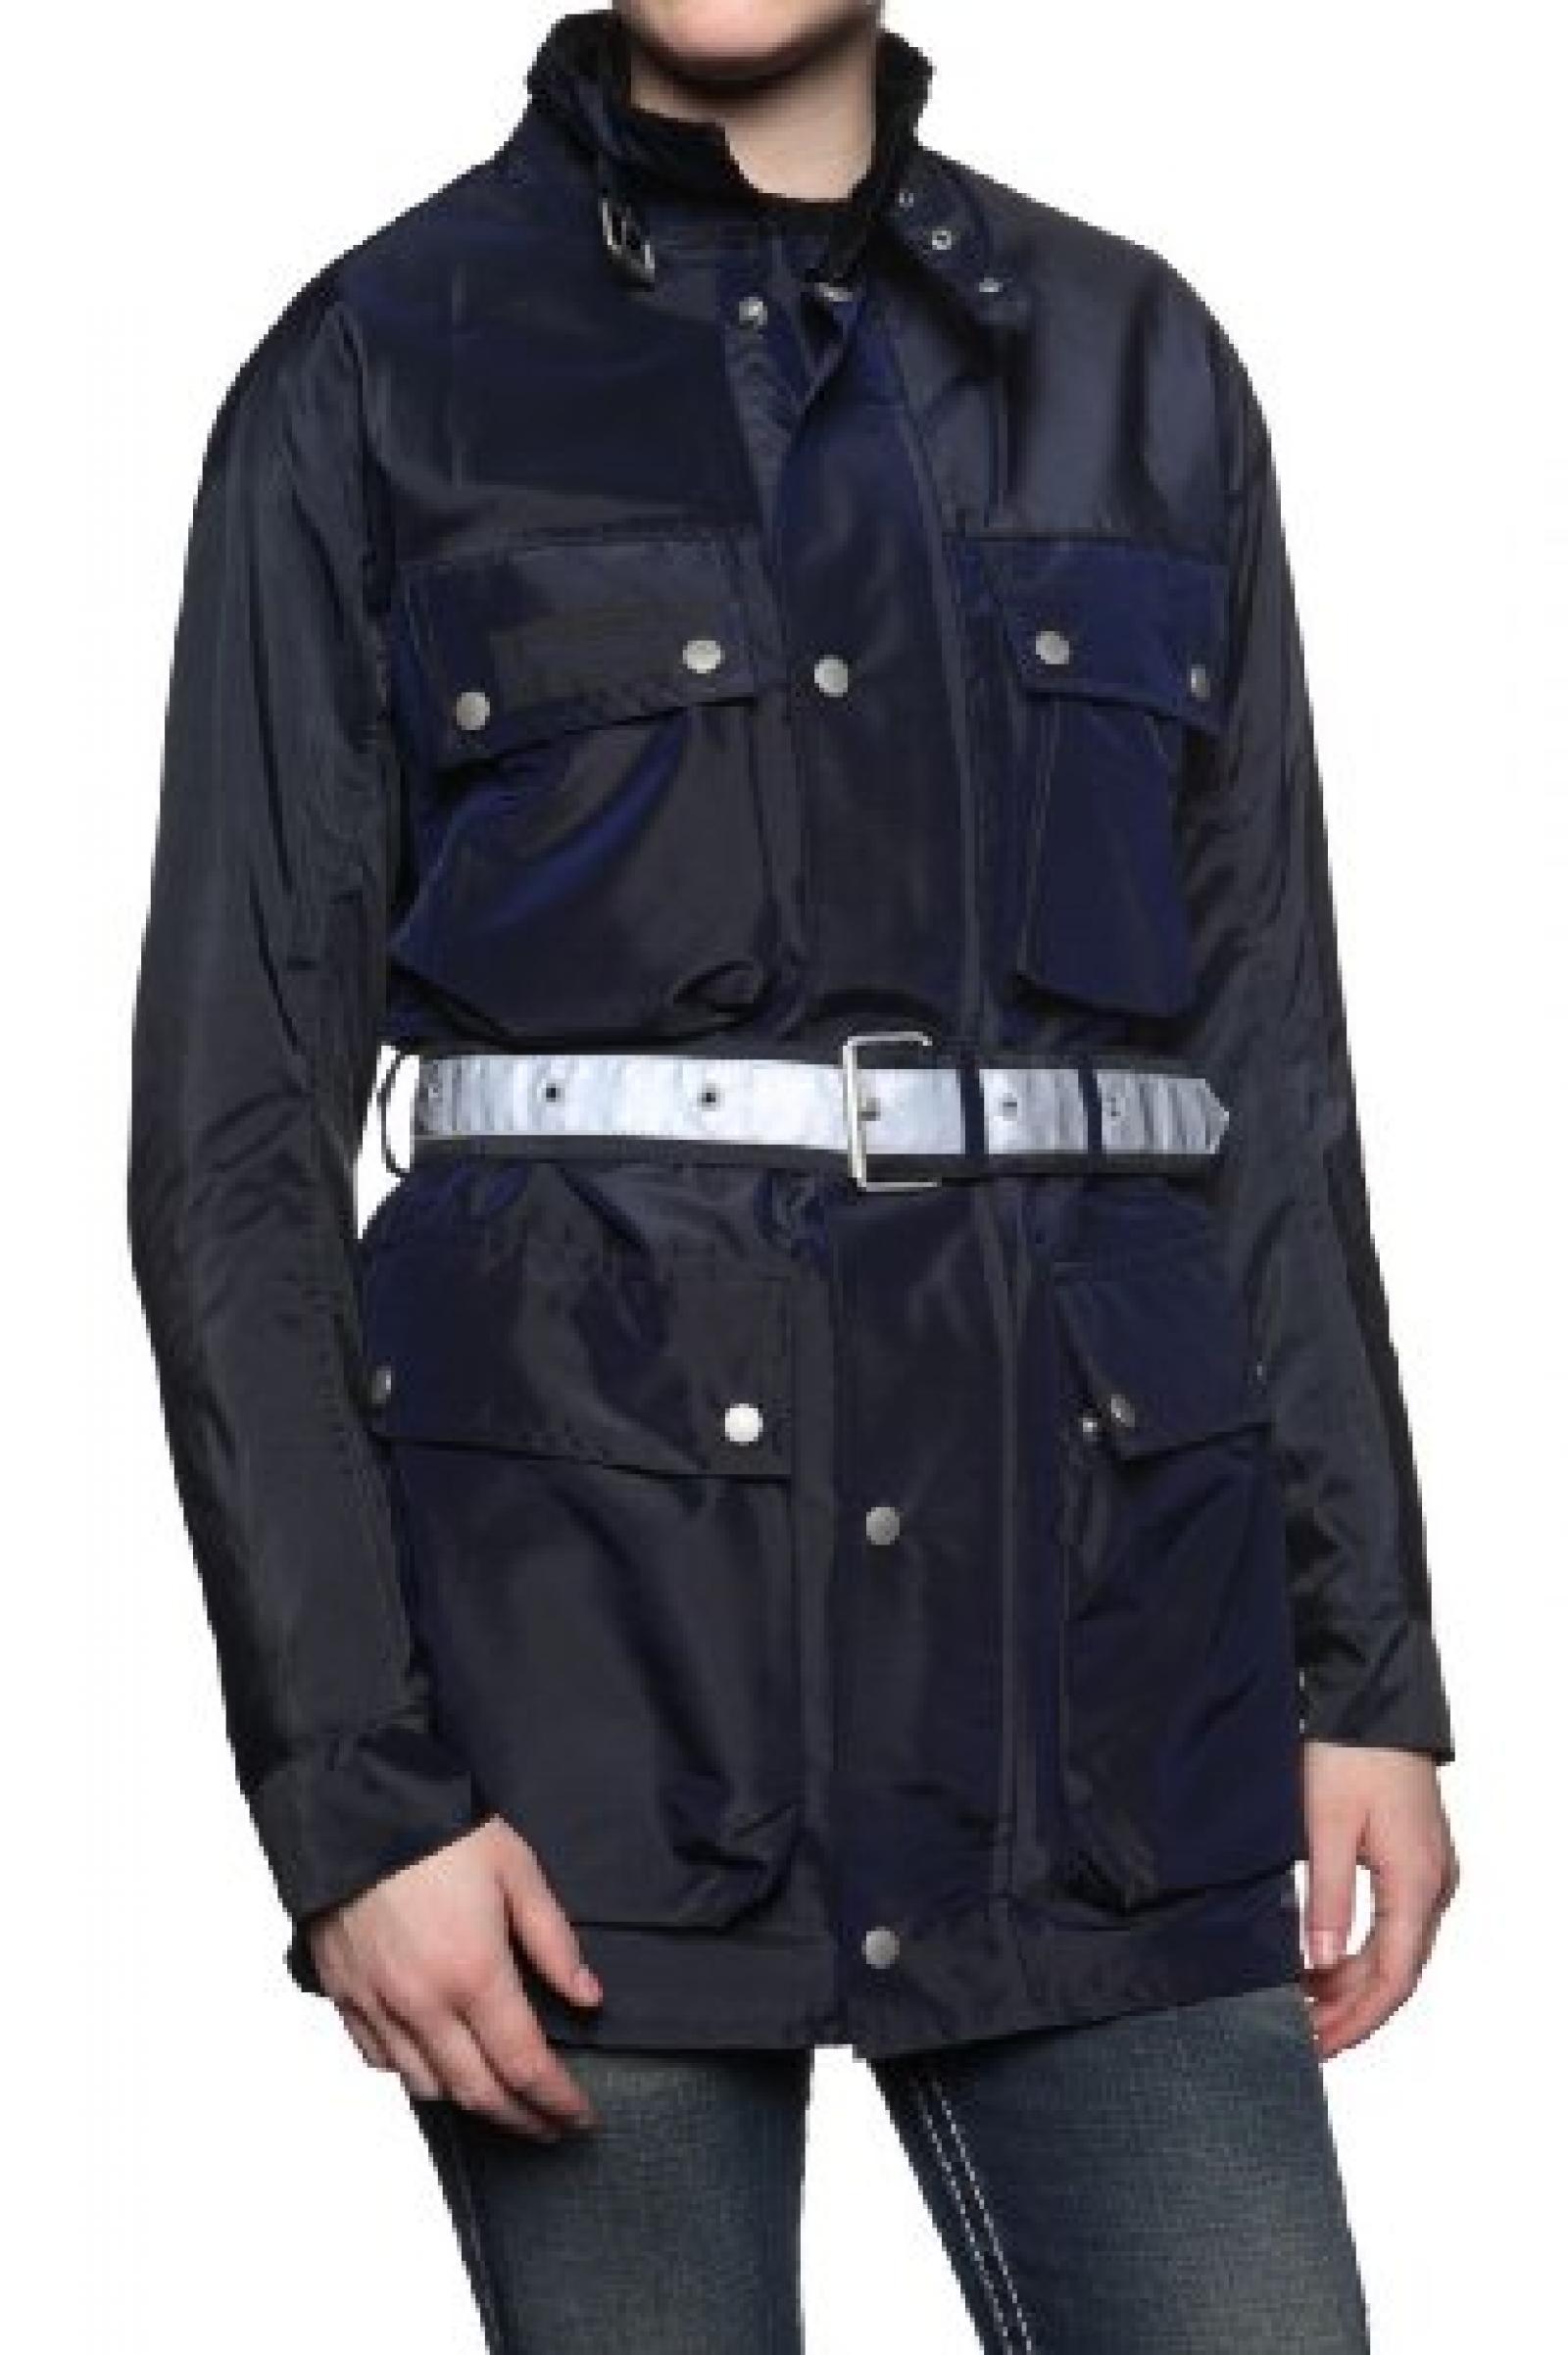 Belstaff Damen Jacke Multifunktionsjacke XL500 T, Farbe: Dunkelblau